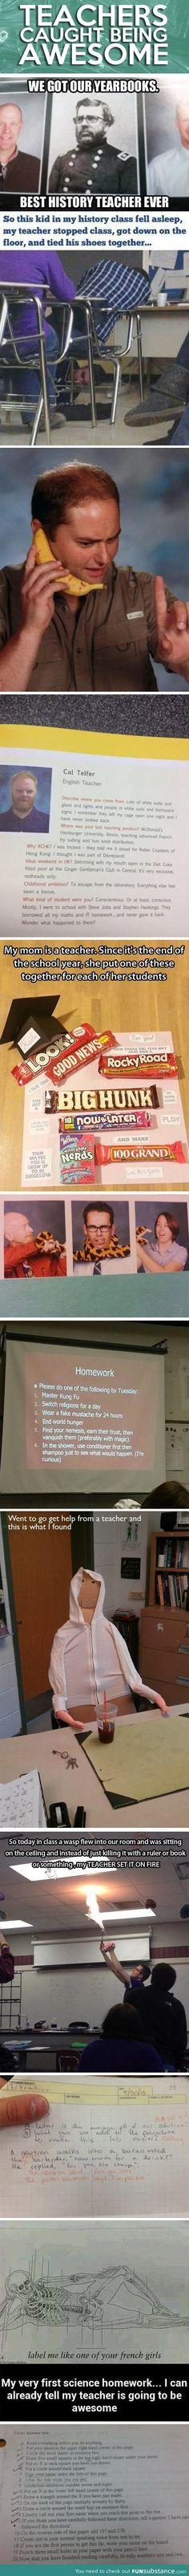 Awesome teachers